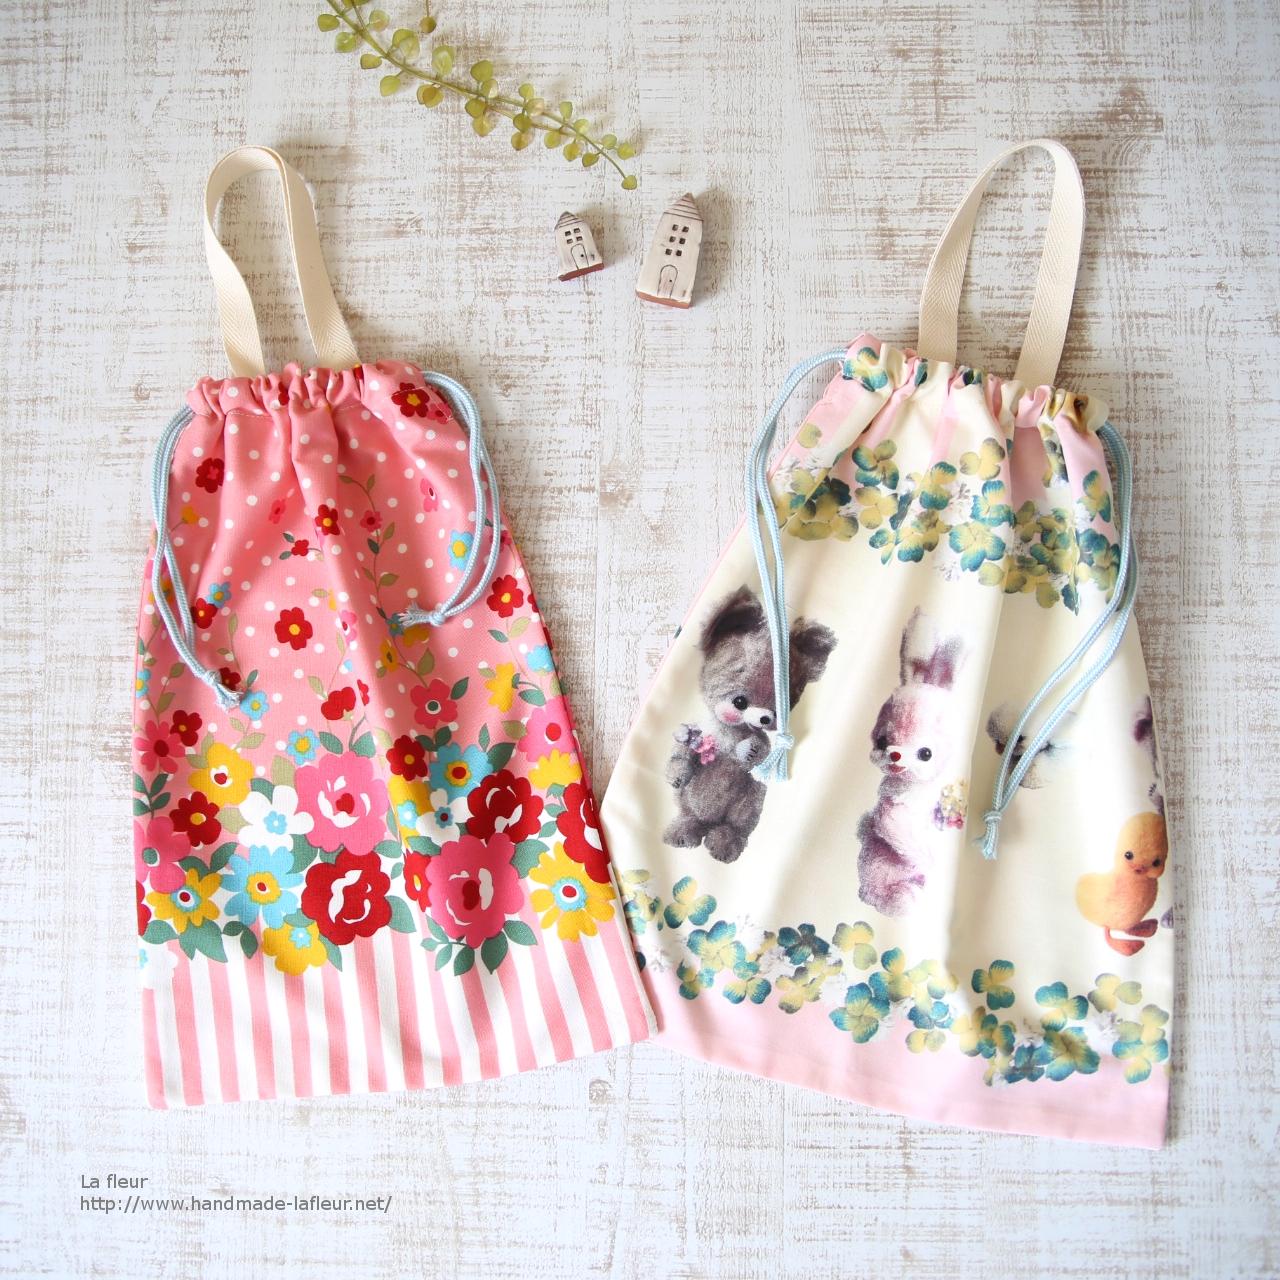 持ち手付き体操服袋・お着替え袋*巾着 花柄ピンク・クマうさぎヒヨコ 女の子用/Lafleur